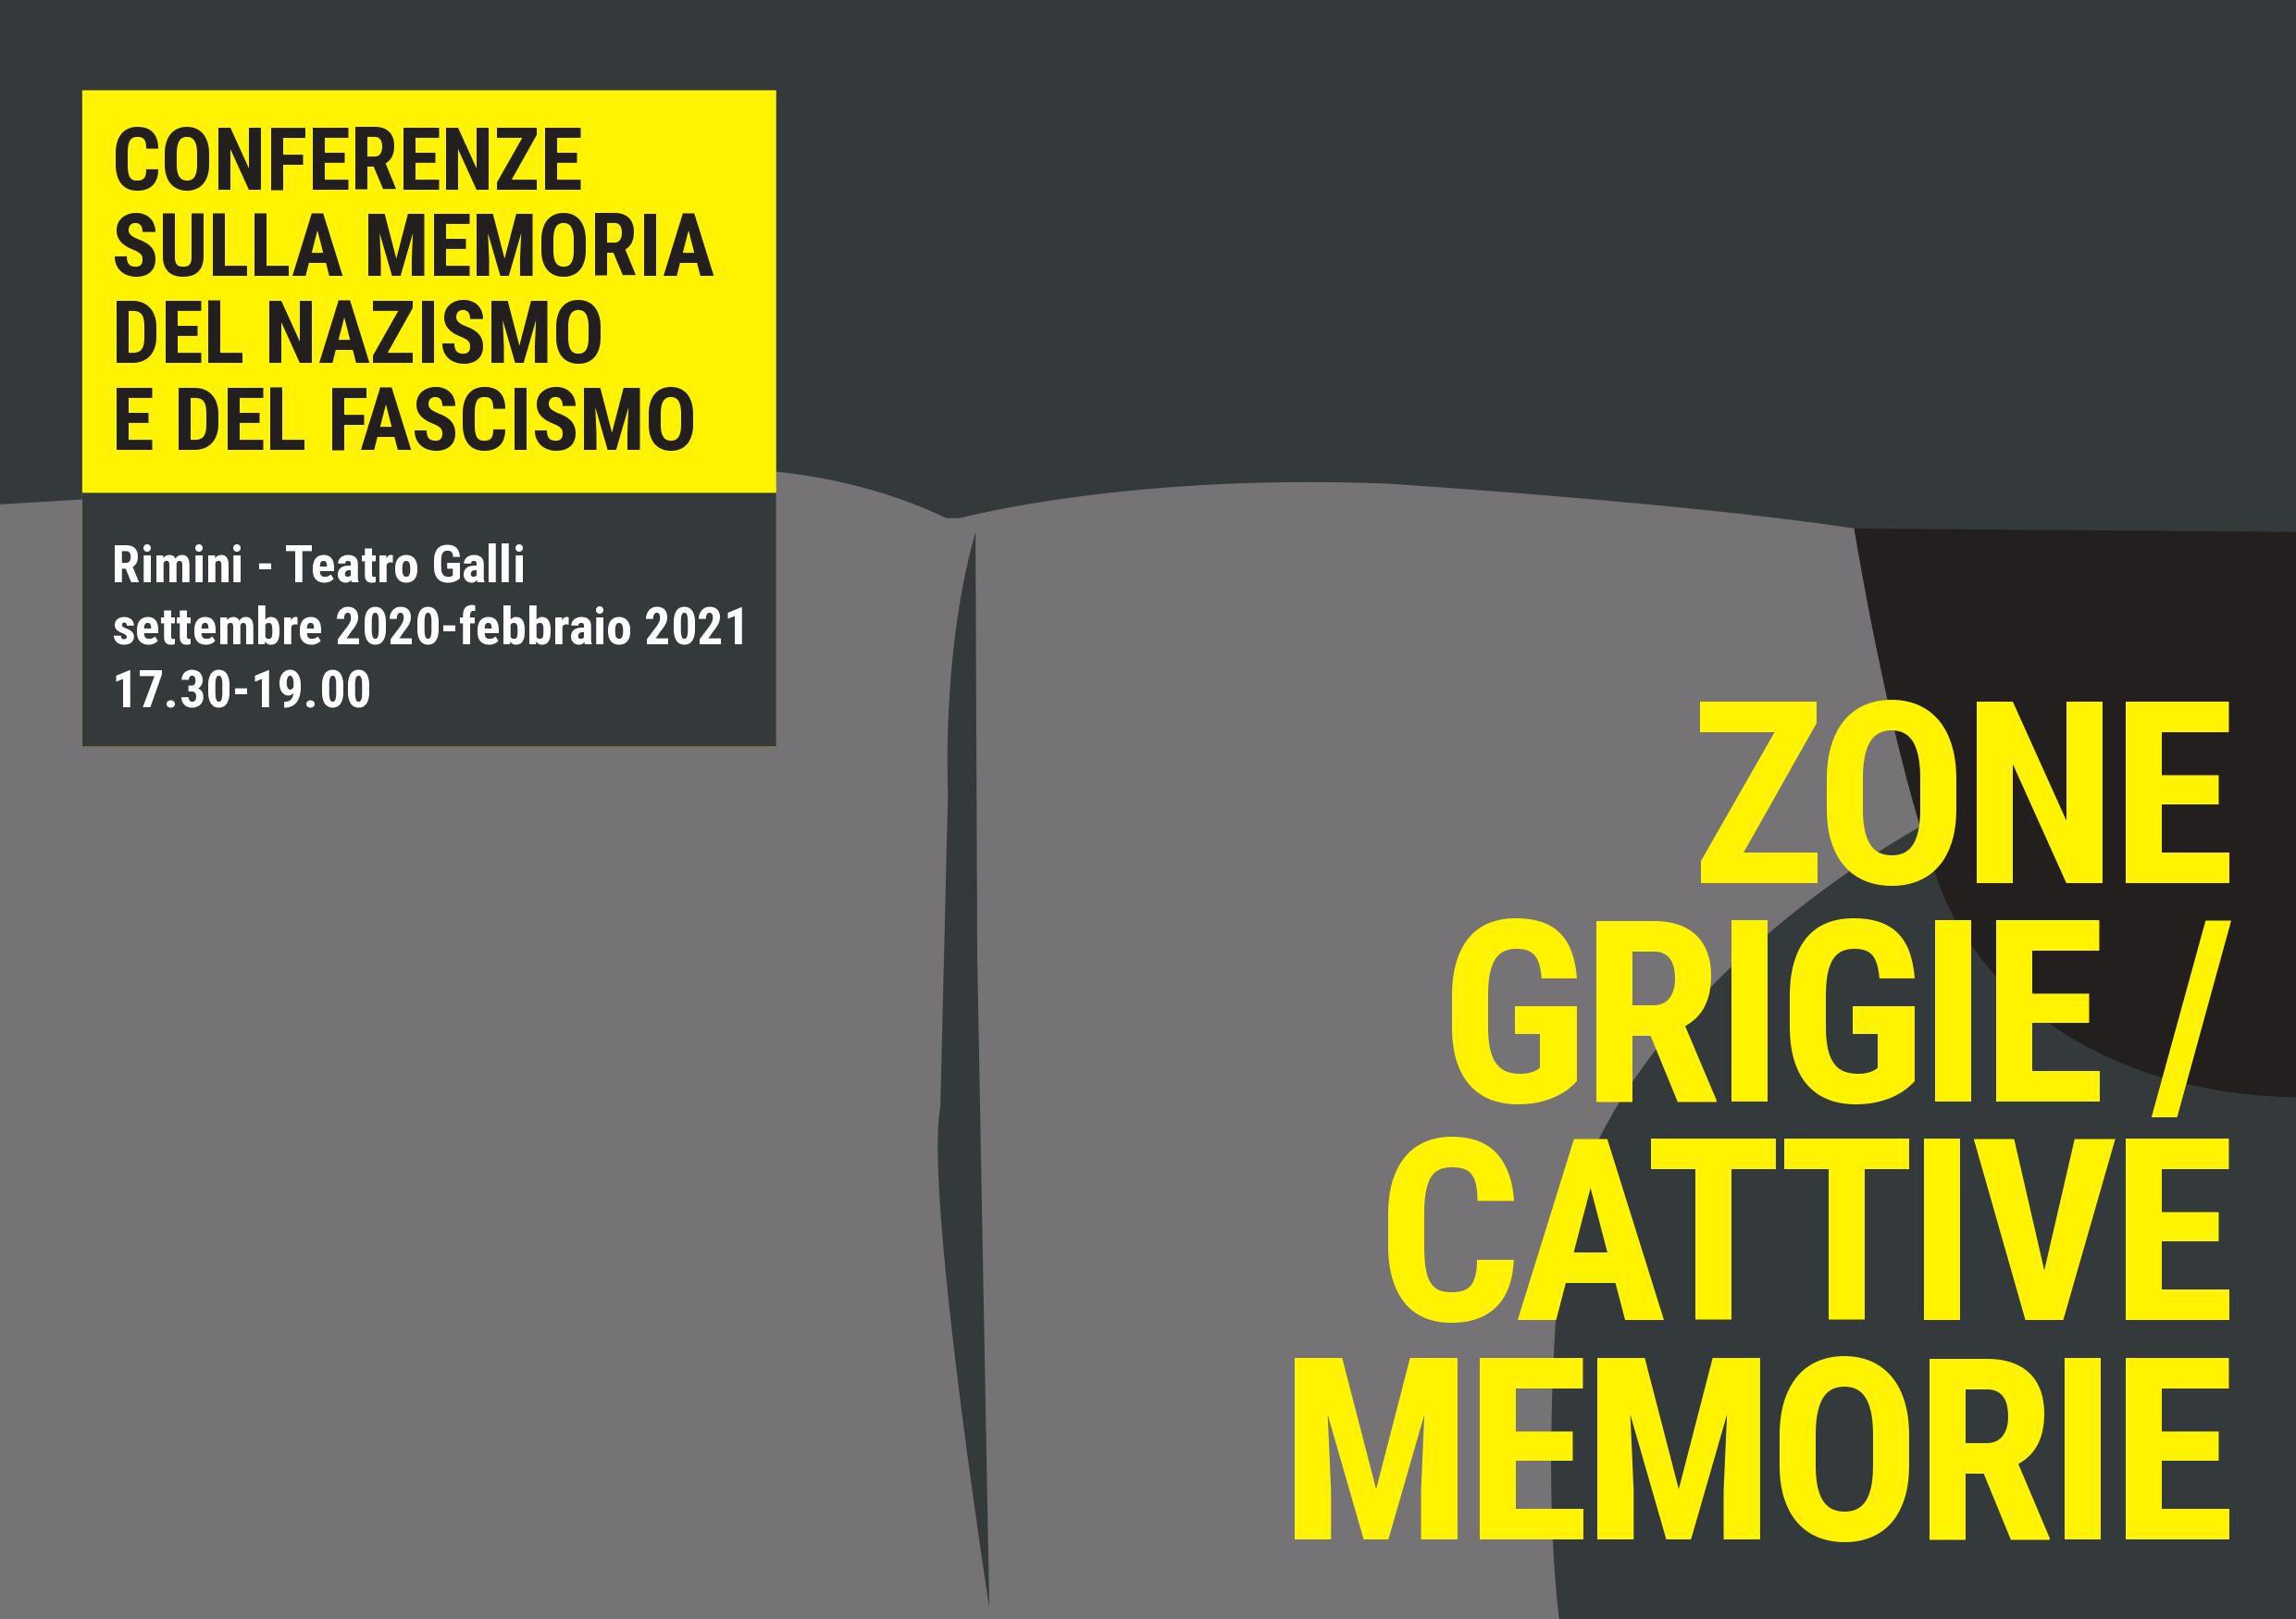 Zone grigie/Cattive memorie - Ciclo di conferenze